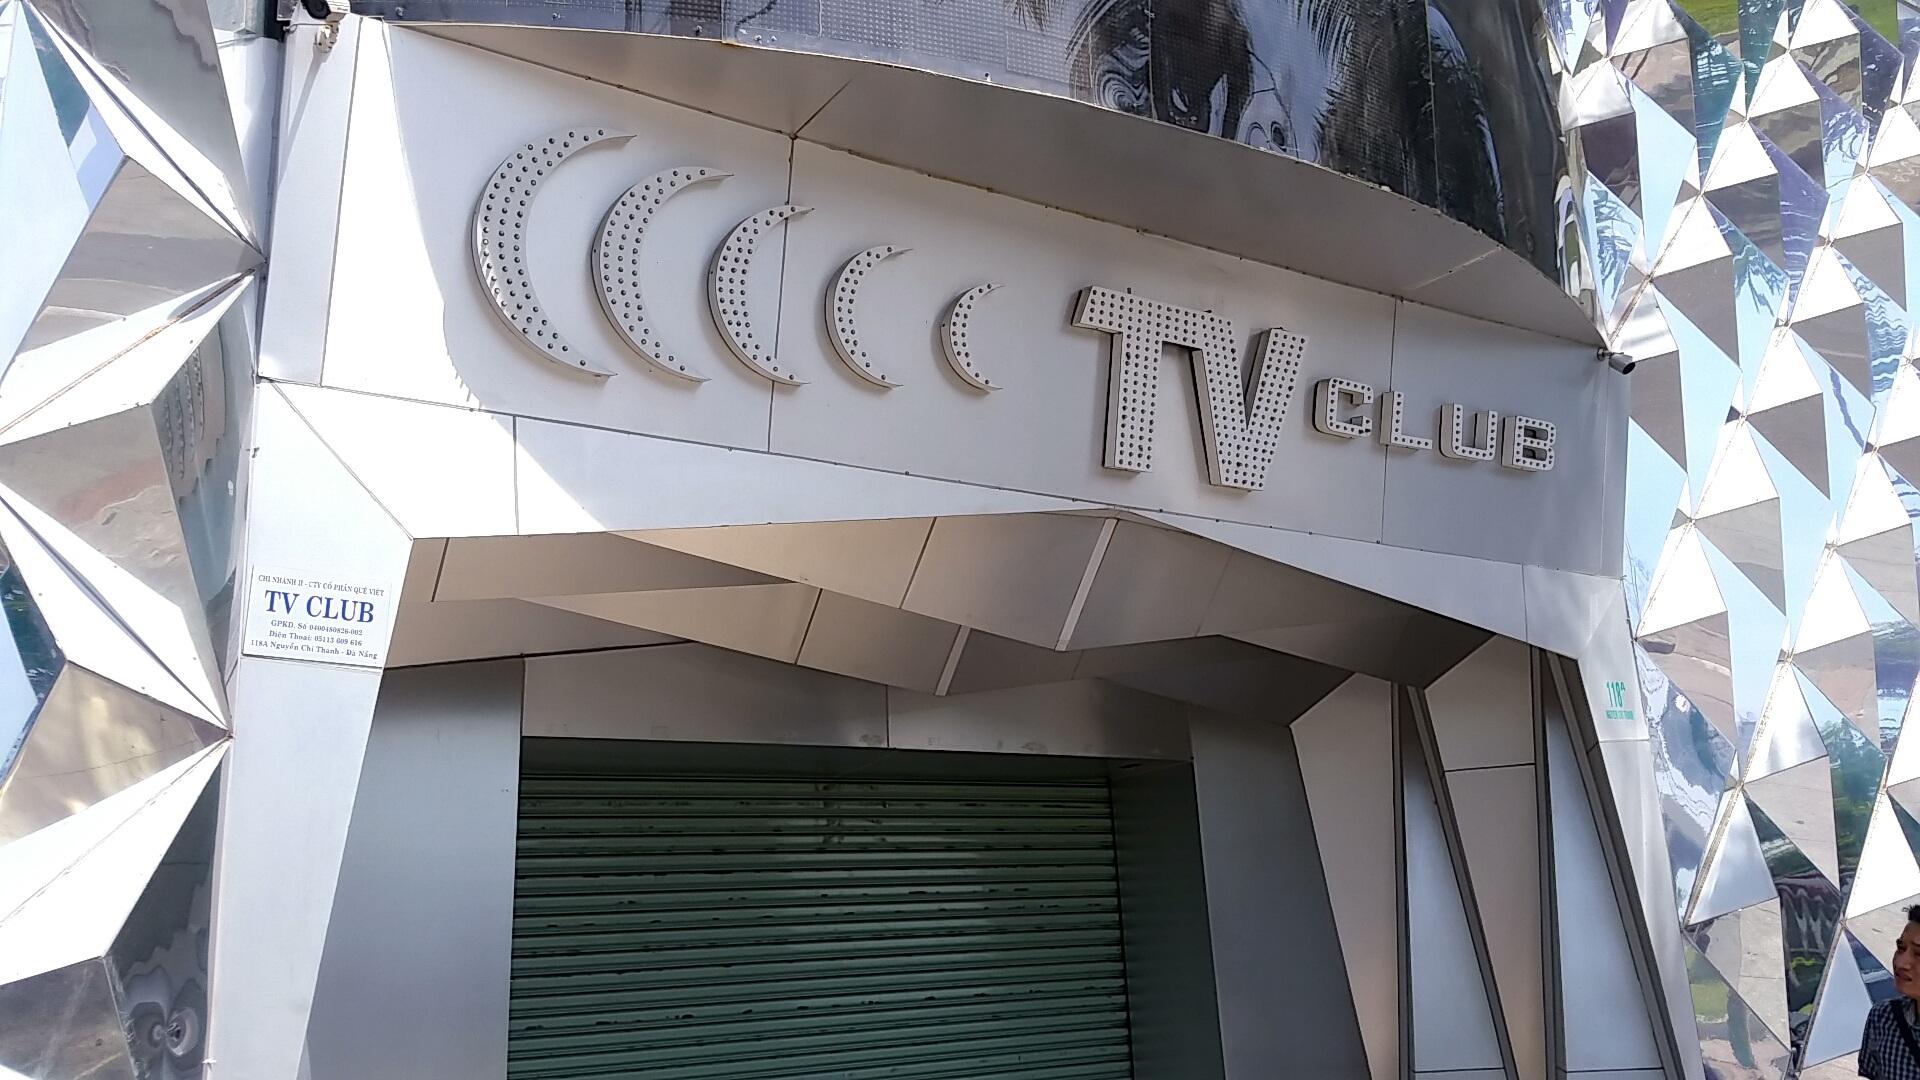 Quán bar TV Club - nơi khách Trung Quốc đốt tiền Việt